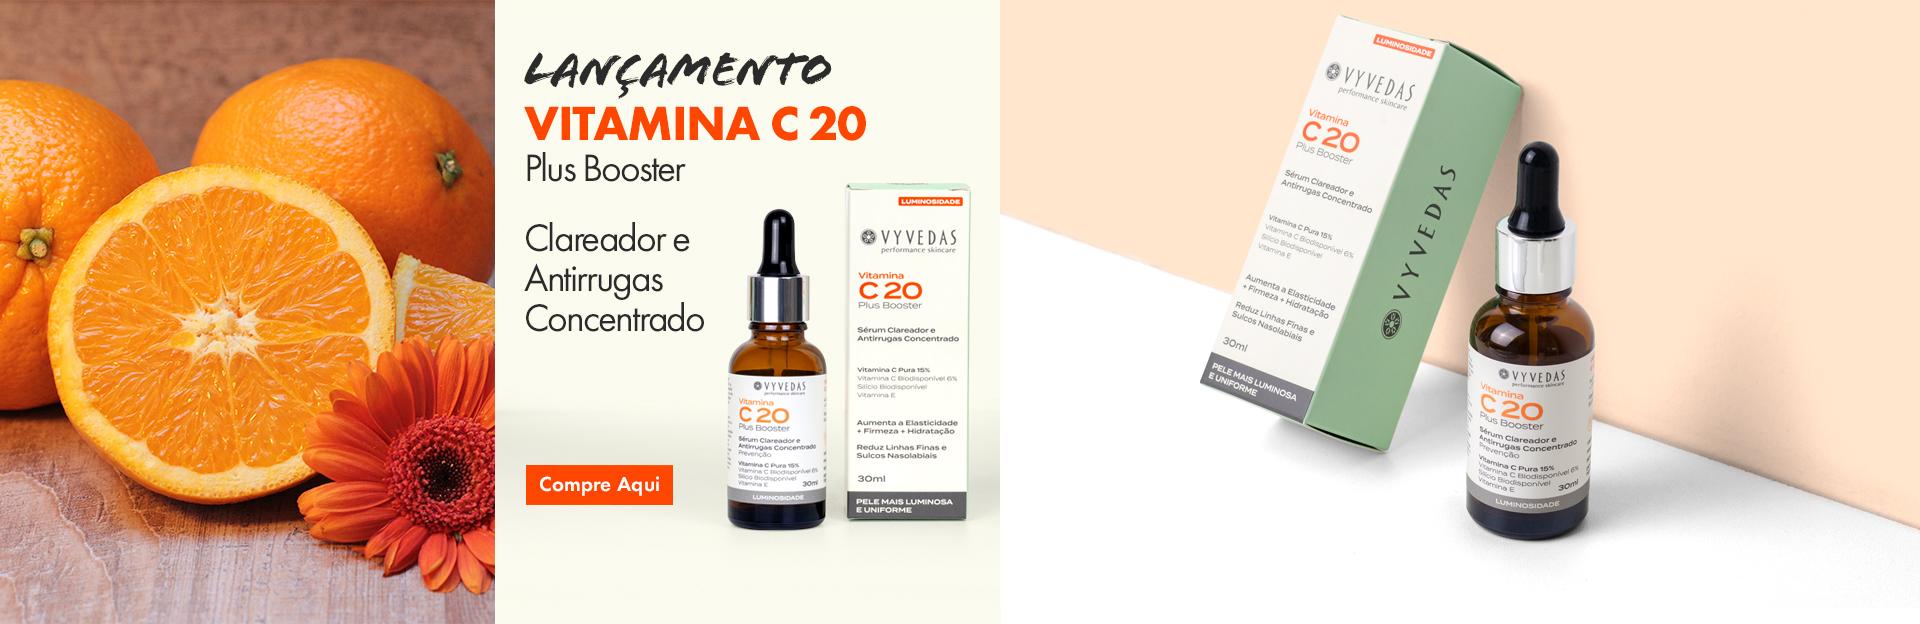 Vitamina C20